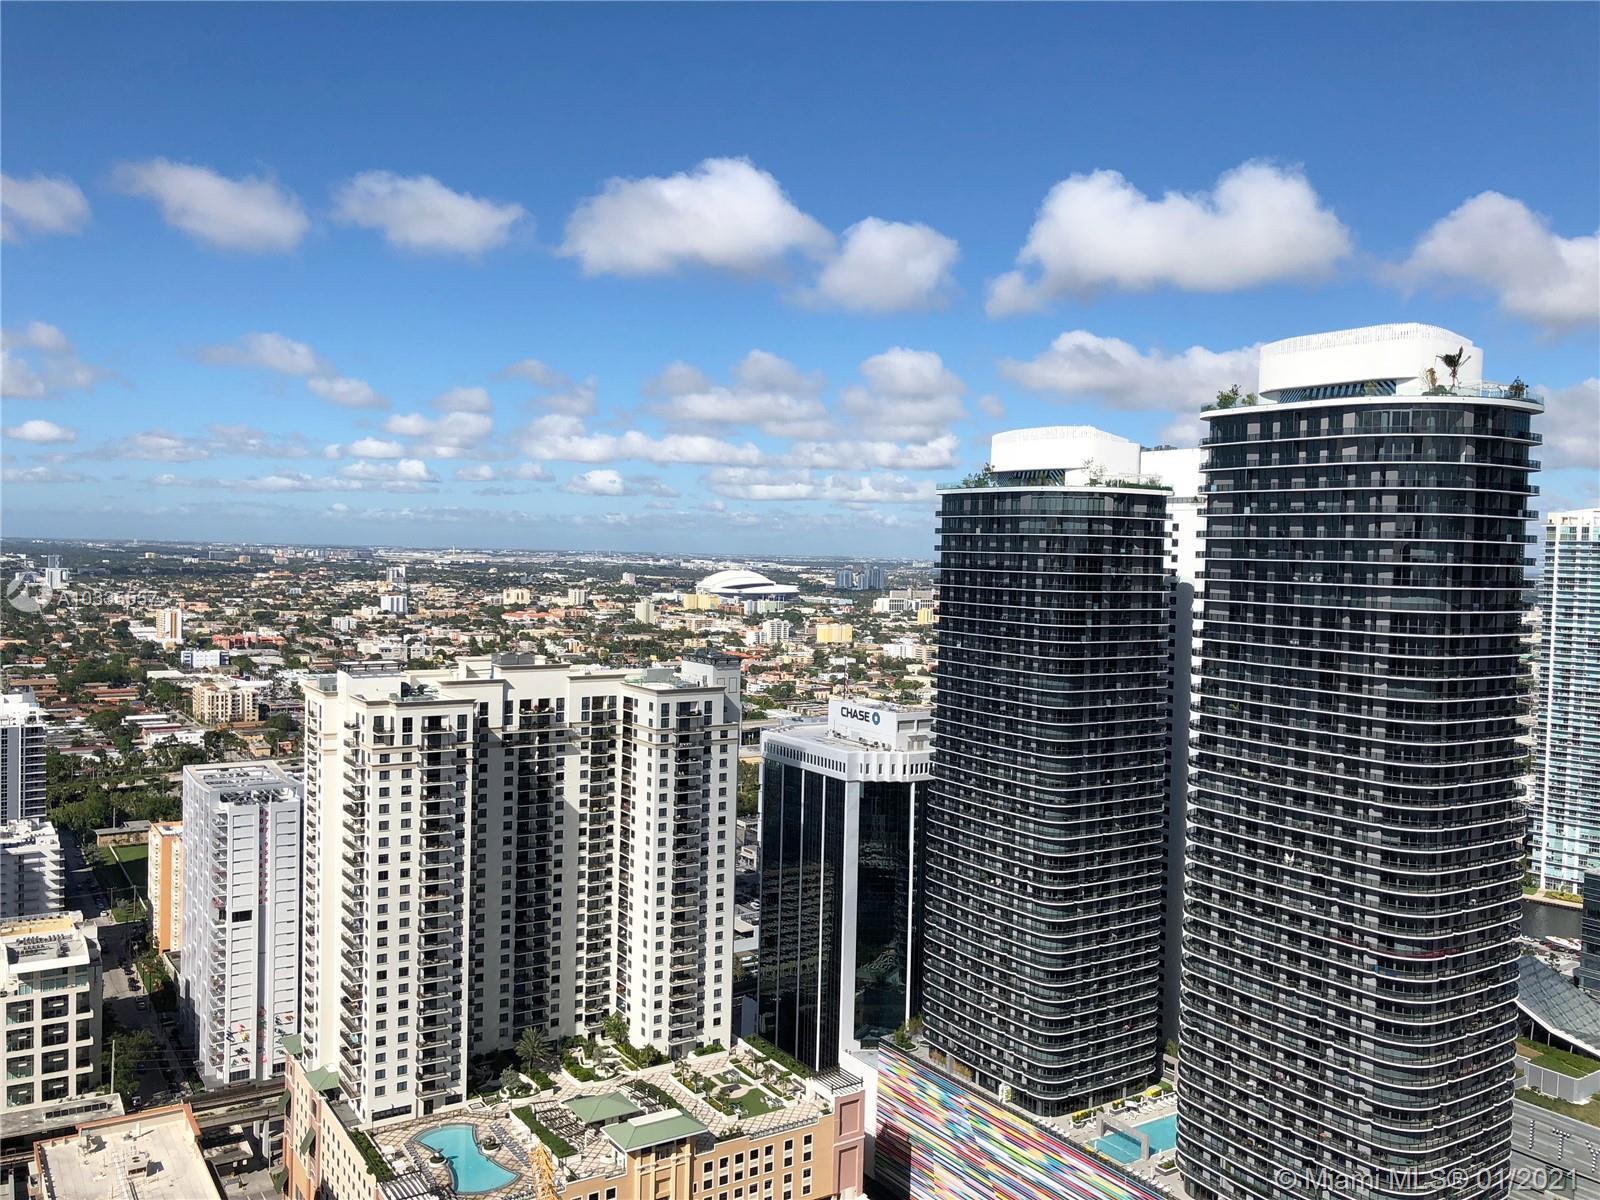 1010 Brickell Avenue, Miami, FL 33131, 1010 Brickell #4608, Brickell, Miami A10335557 image #1